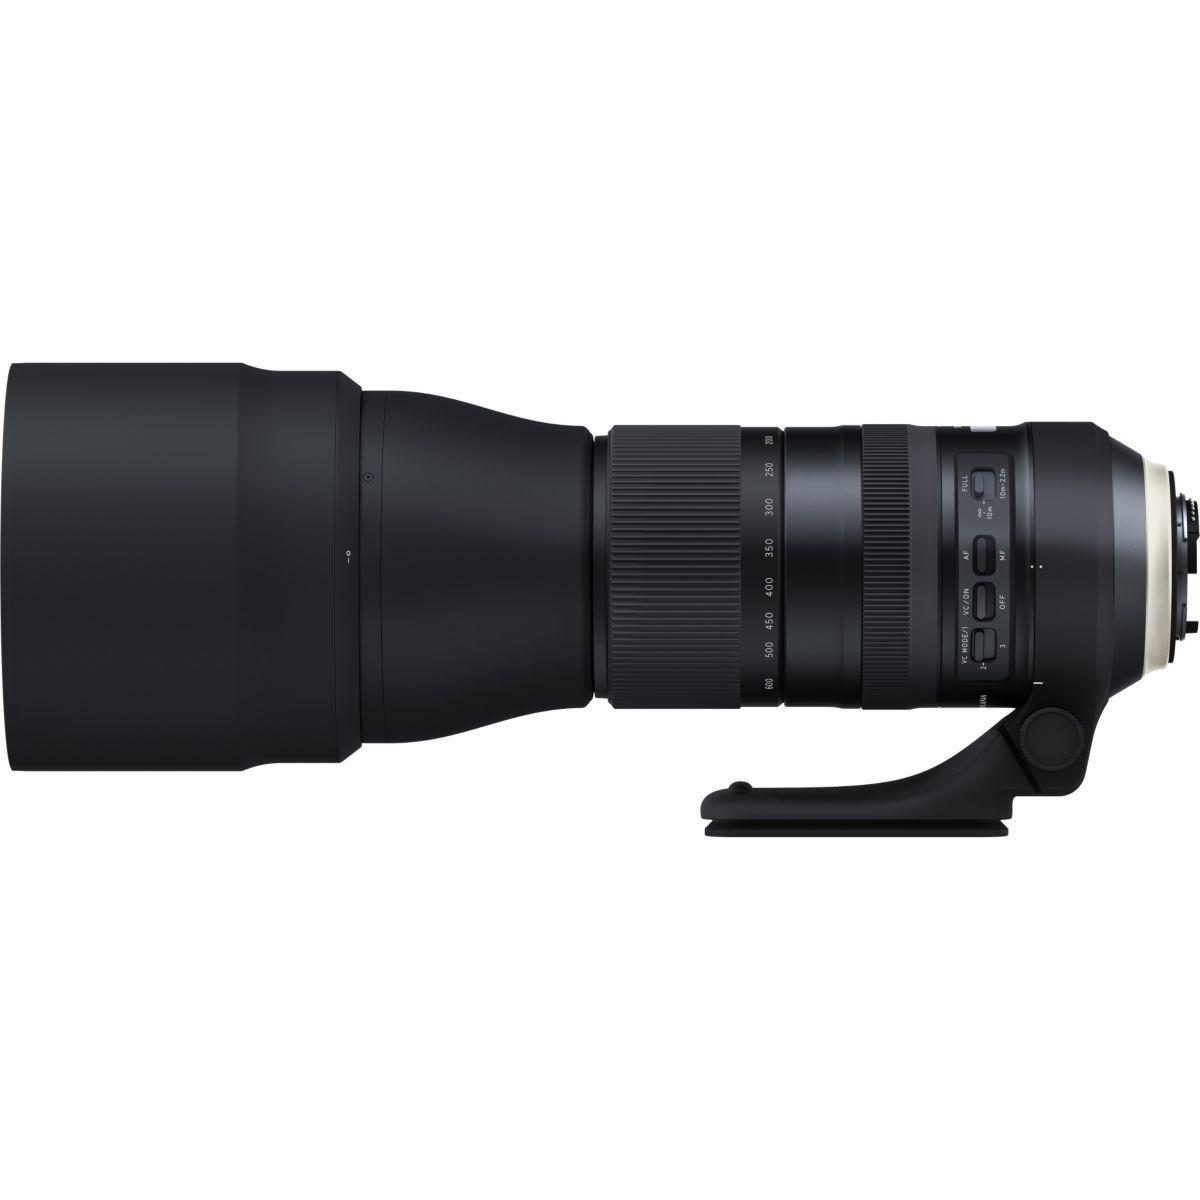 Objectif pour reflex tamron sp 150-600mm f/5-6,3 di vc usd g2 nikon